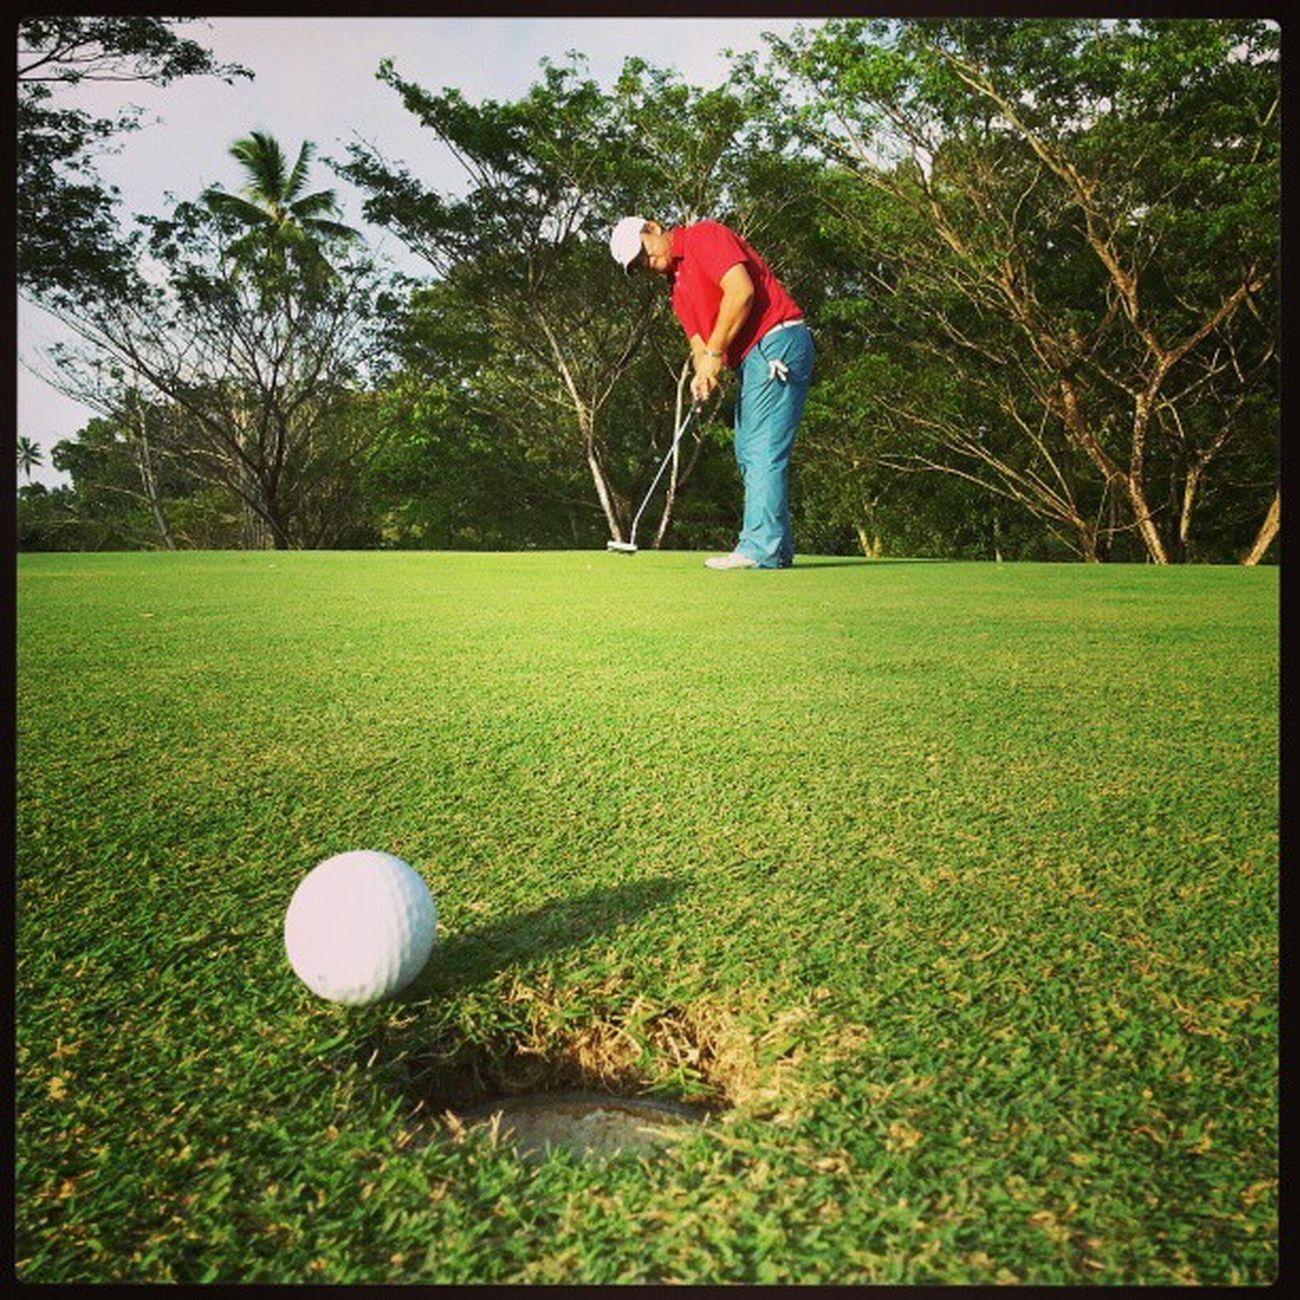 My father's putt Golf Golfing Putting Golfputt